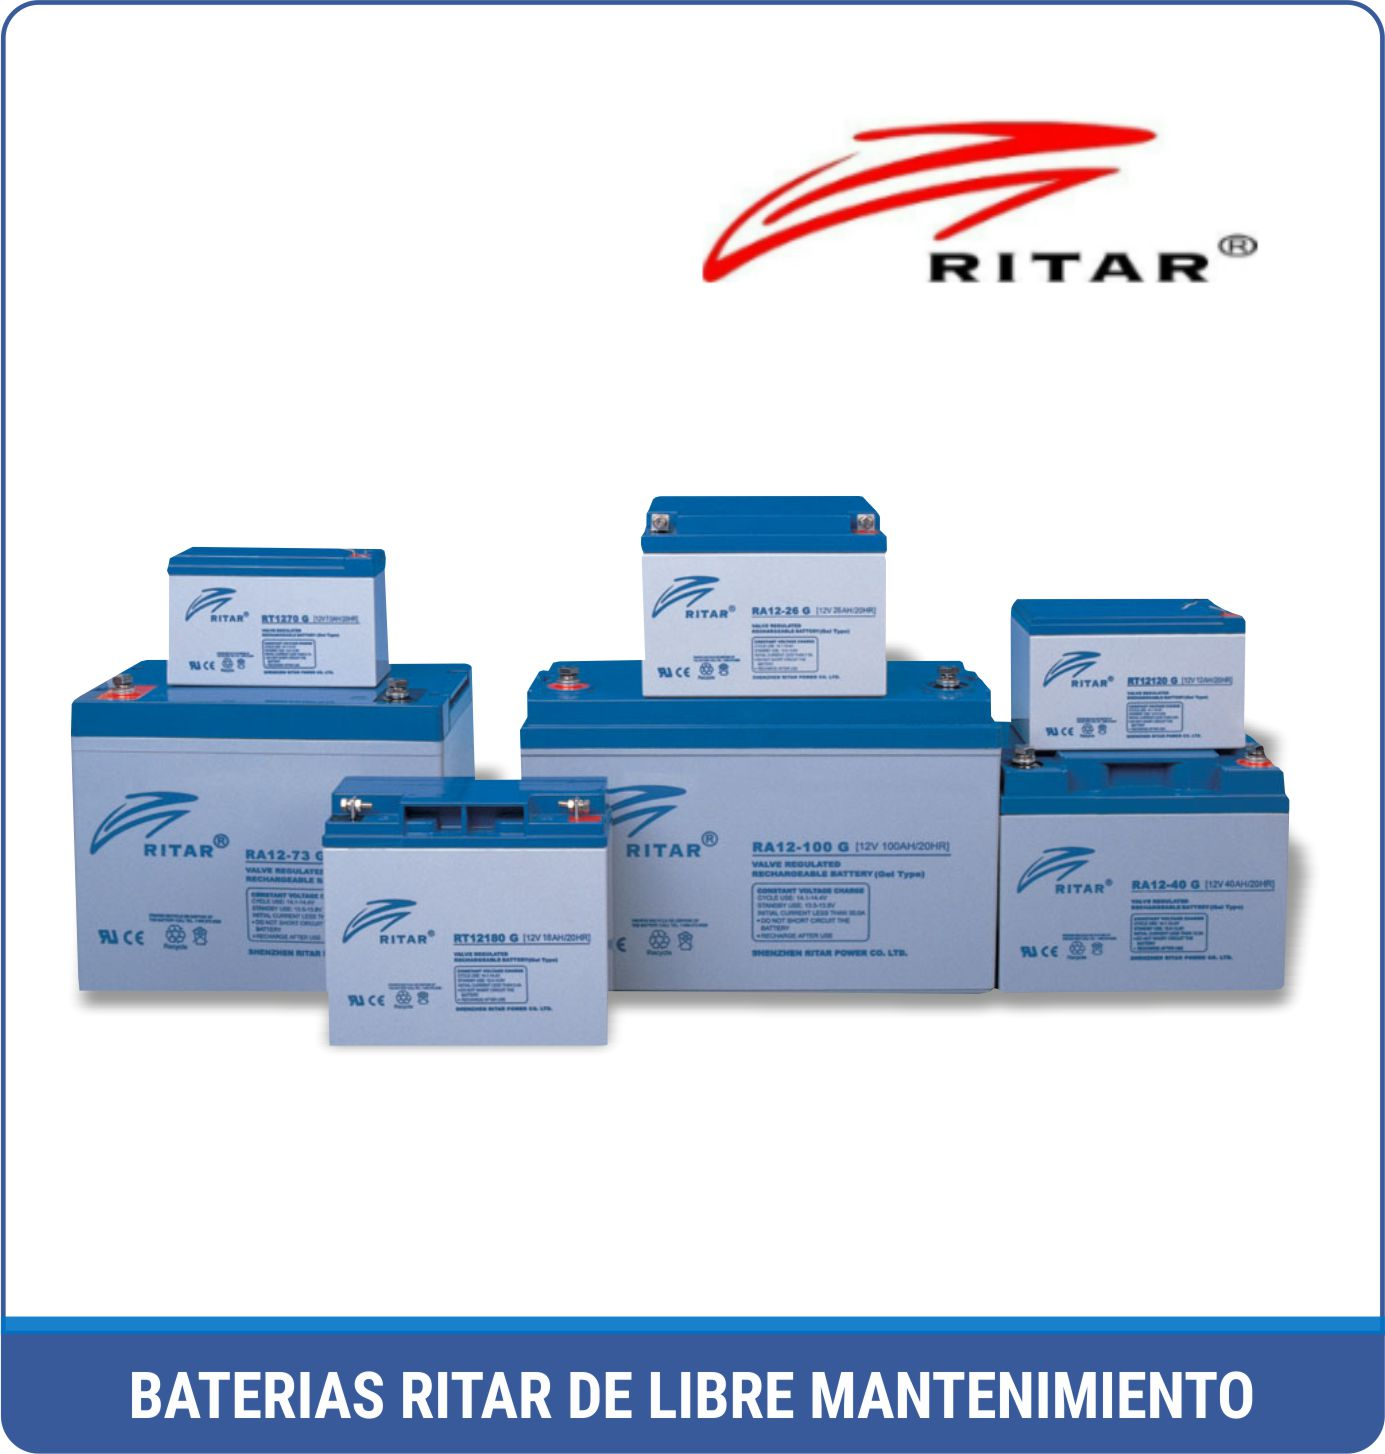 baterias-ritar